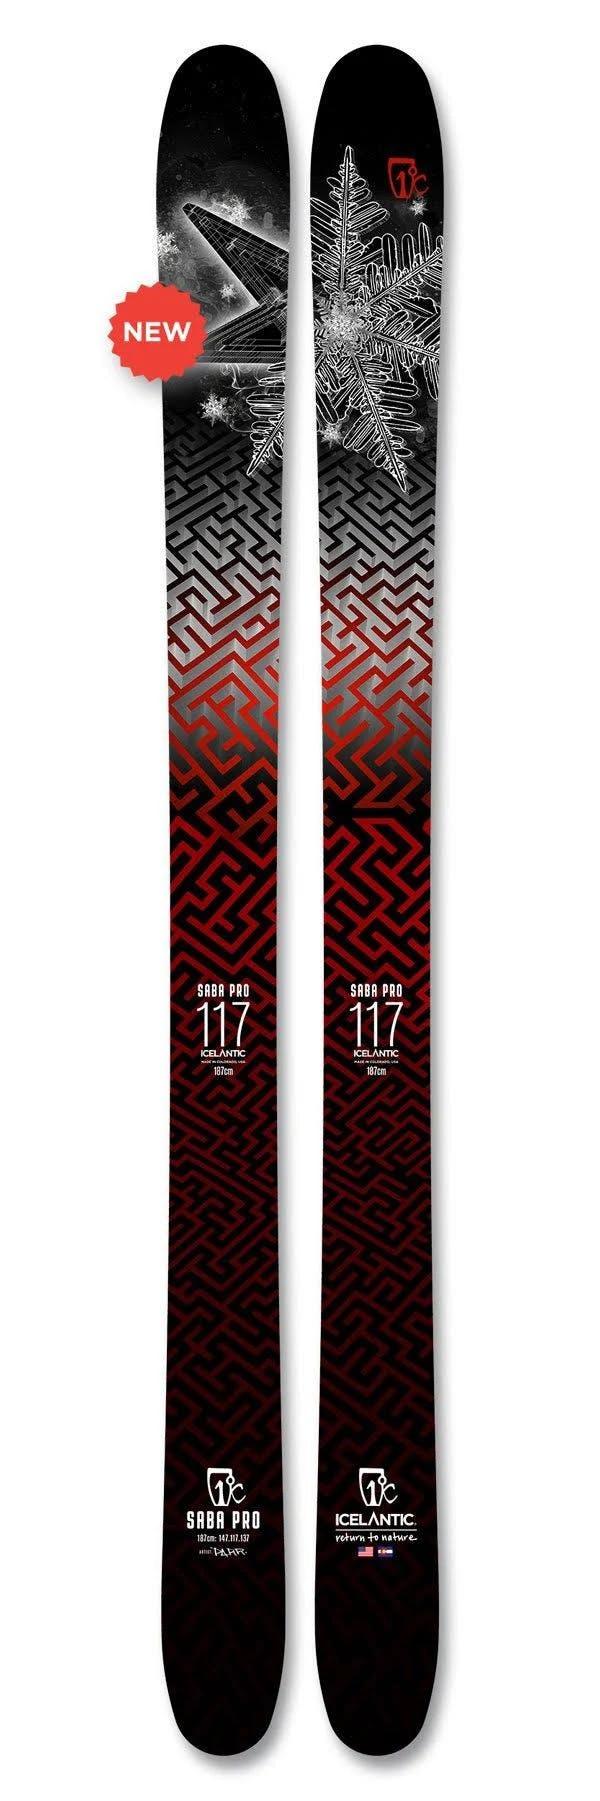 Icelantic Skis Saba Pro 117 · 2021